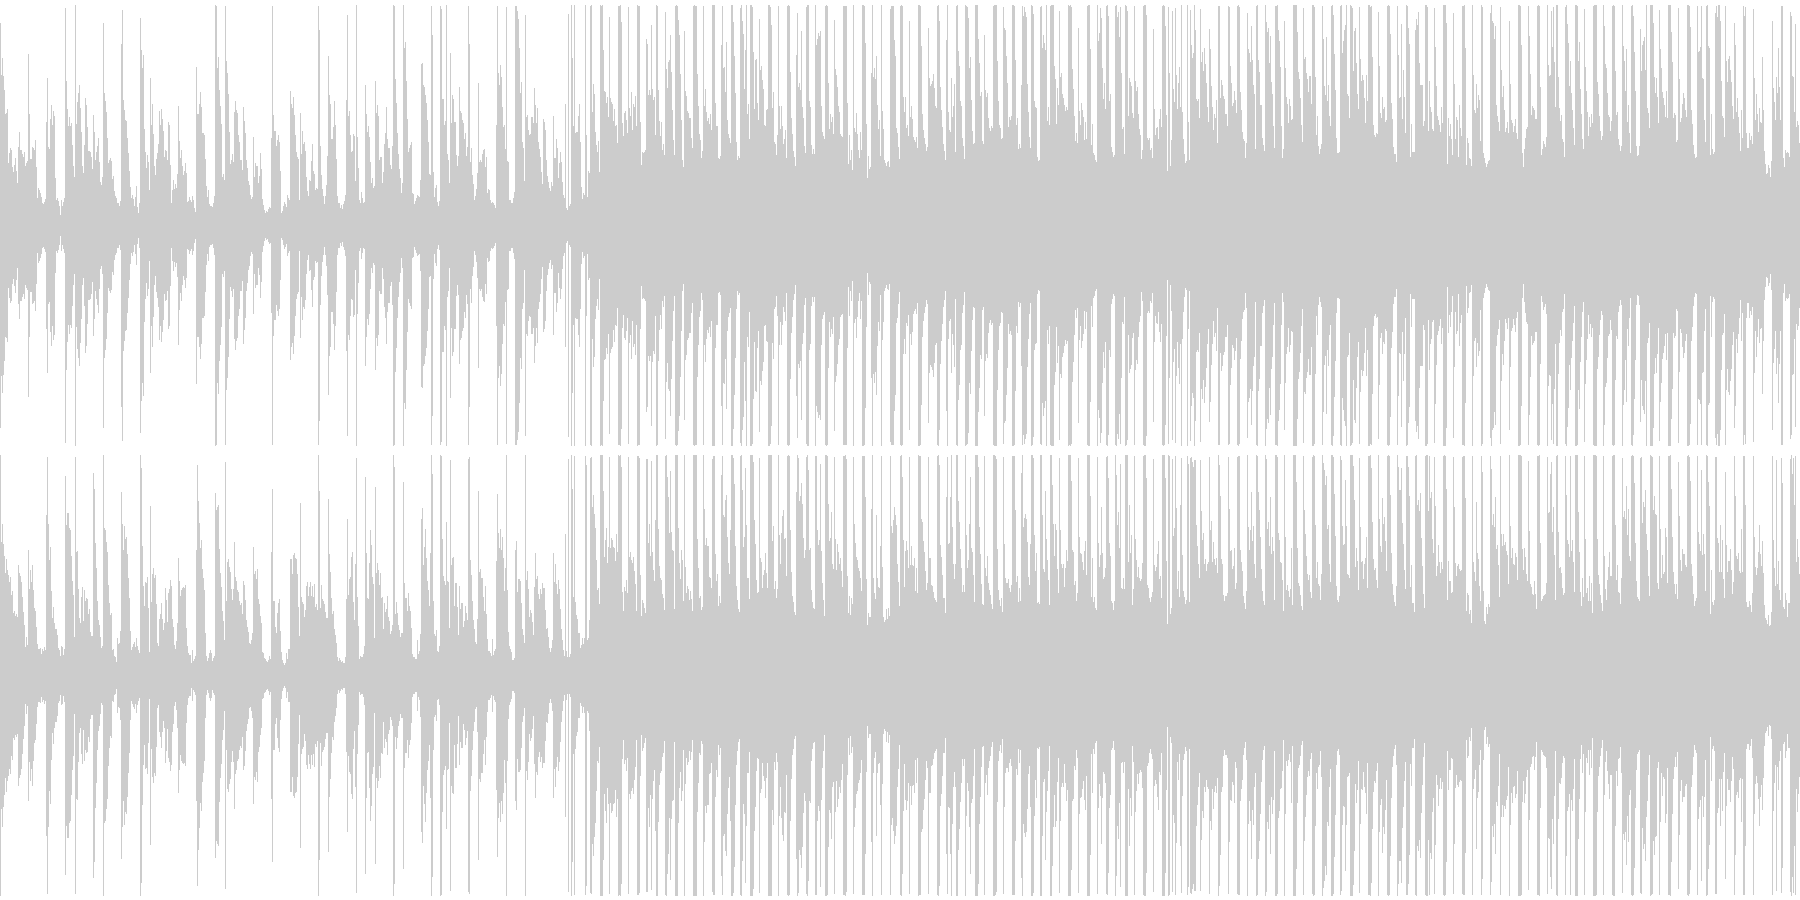 トロピカルでチルいハウスのループの未再生の波形